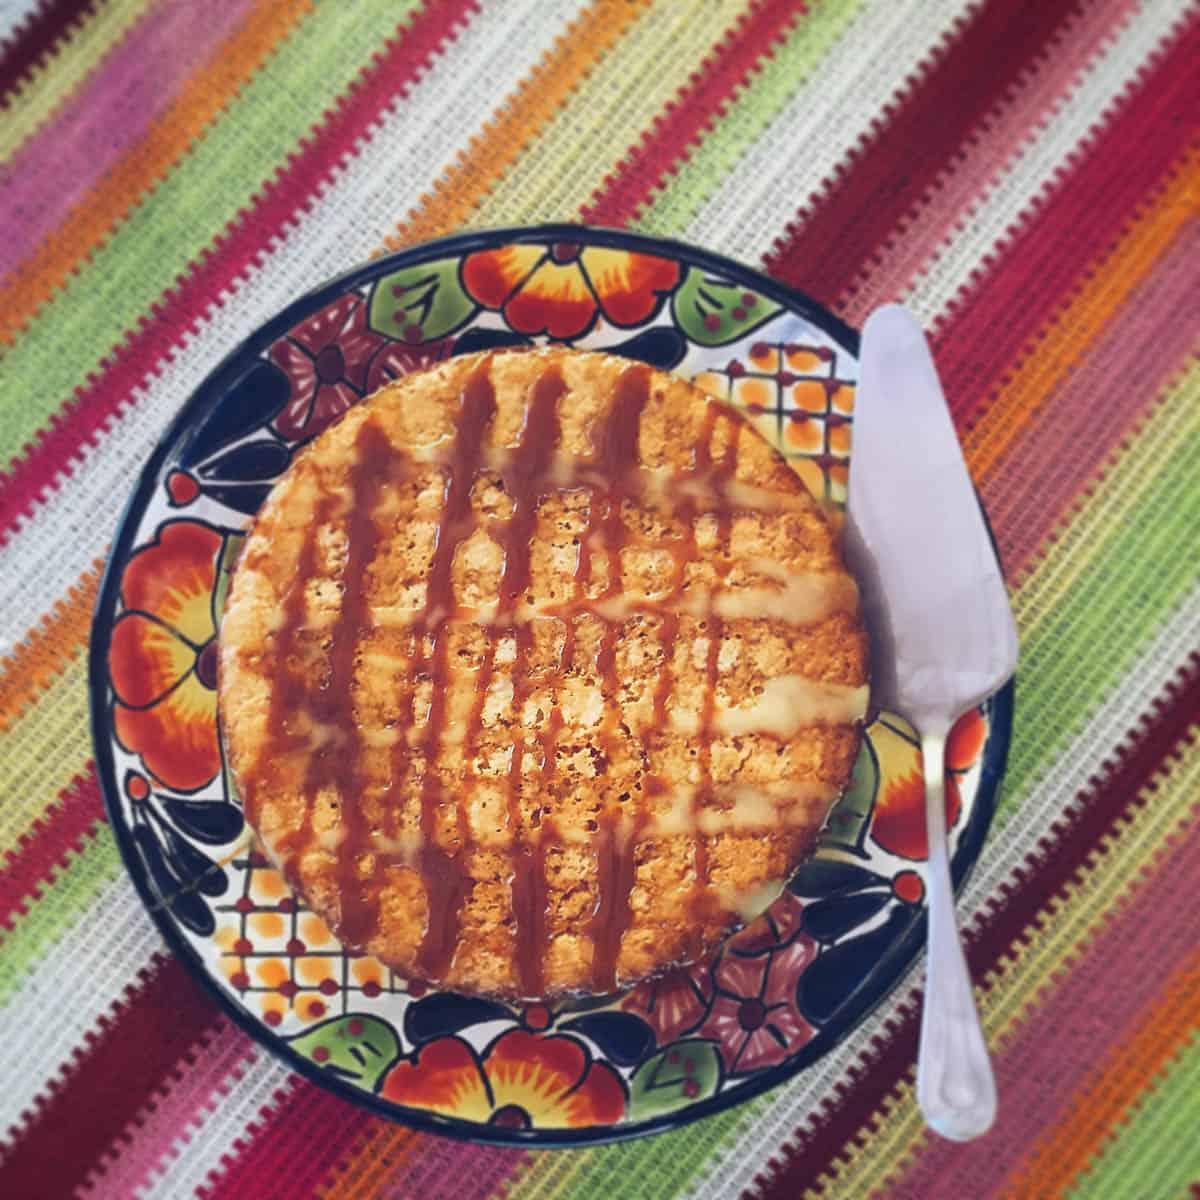 Mexico Lindo Cooking School - pan de elote